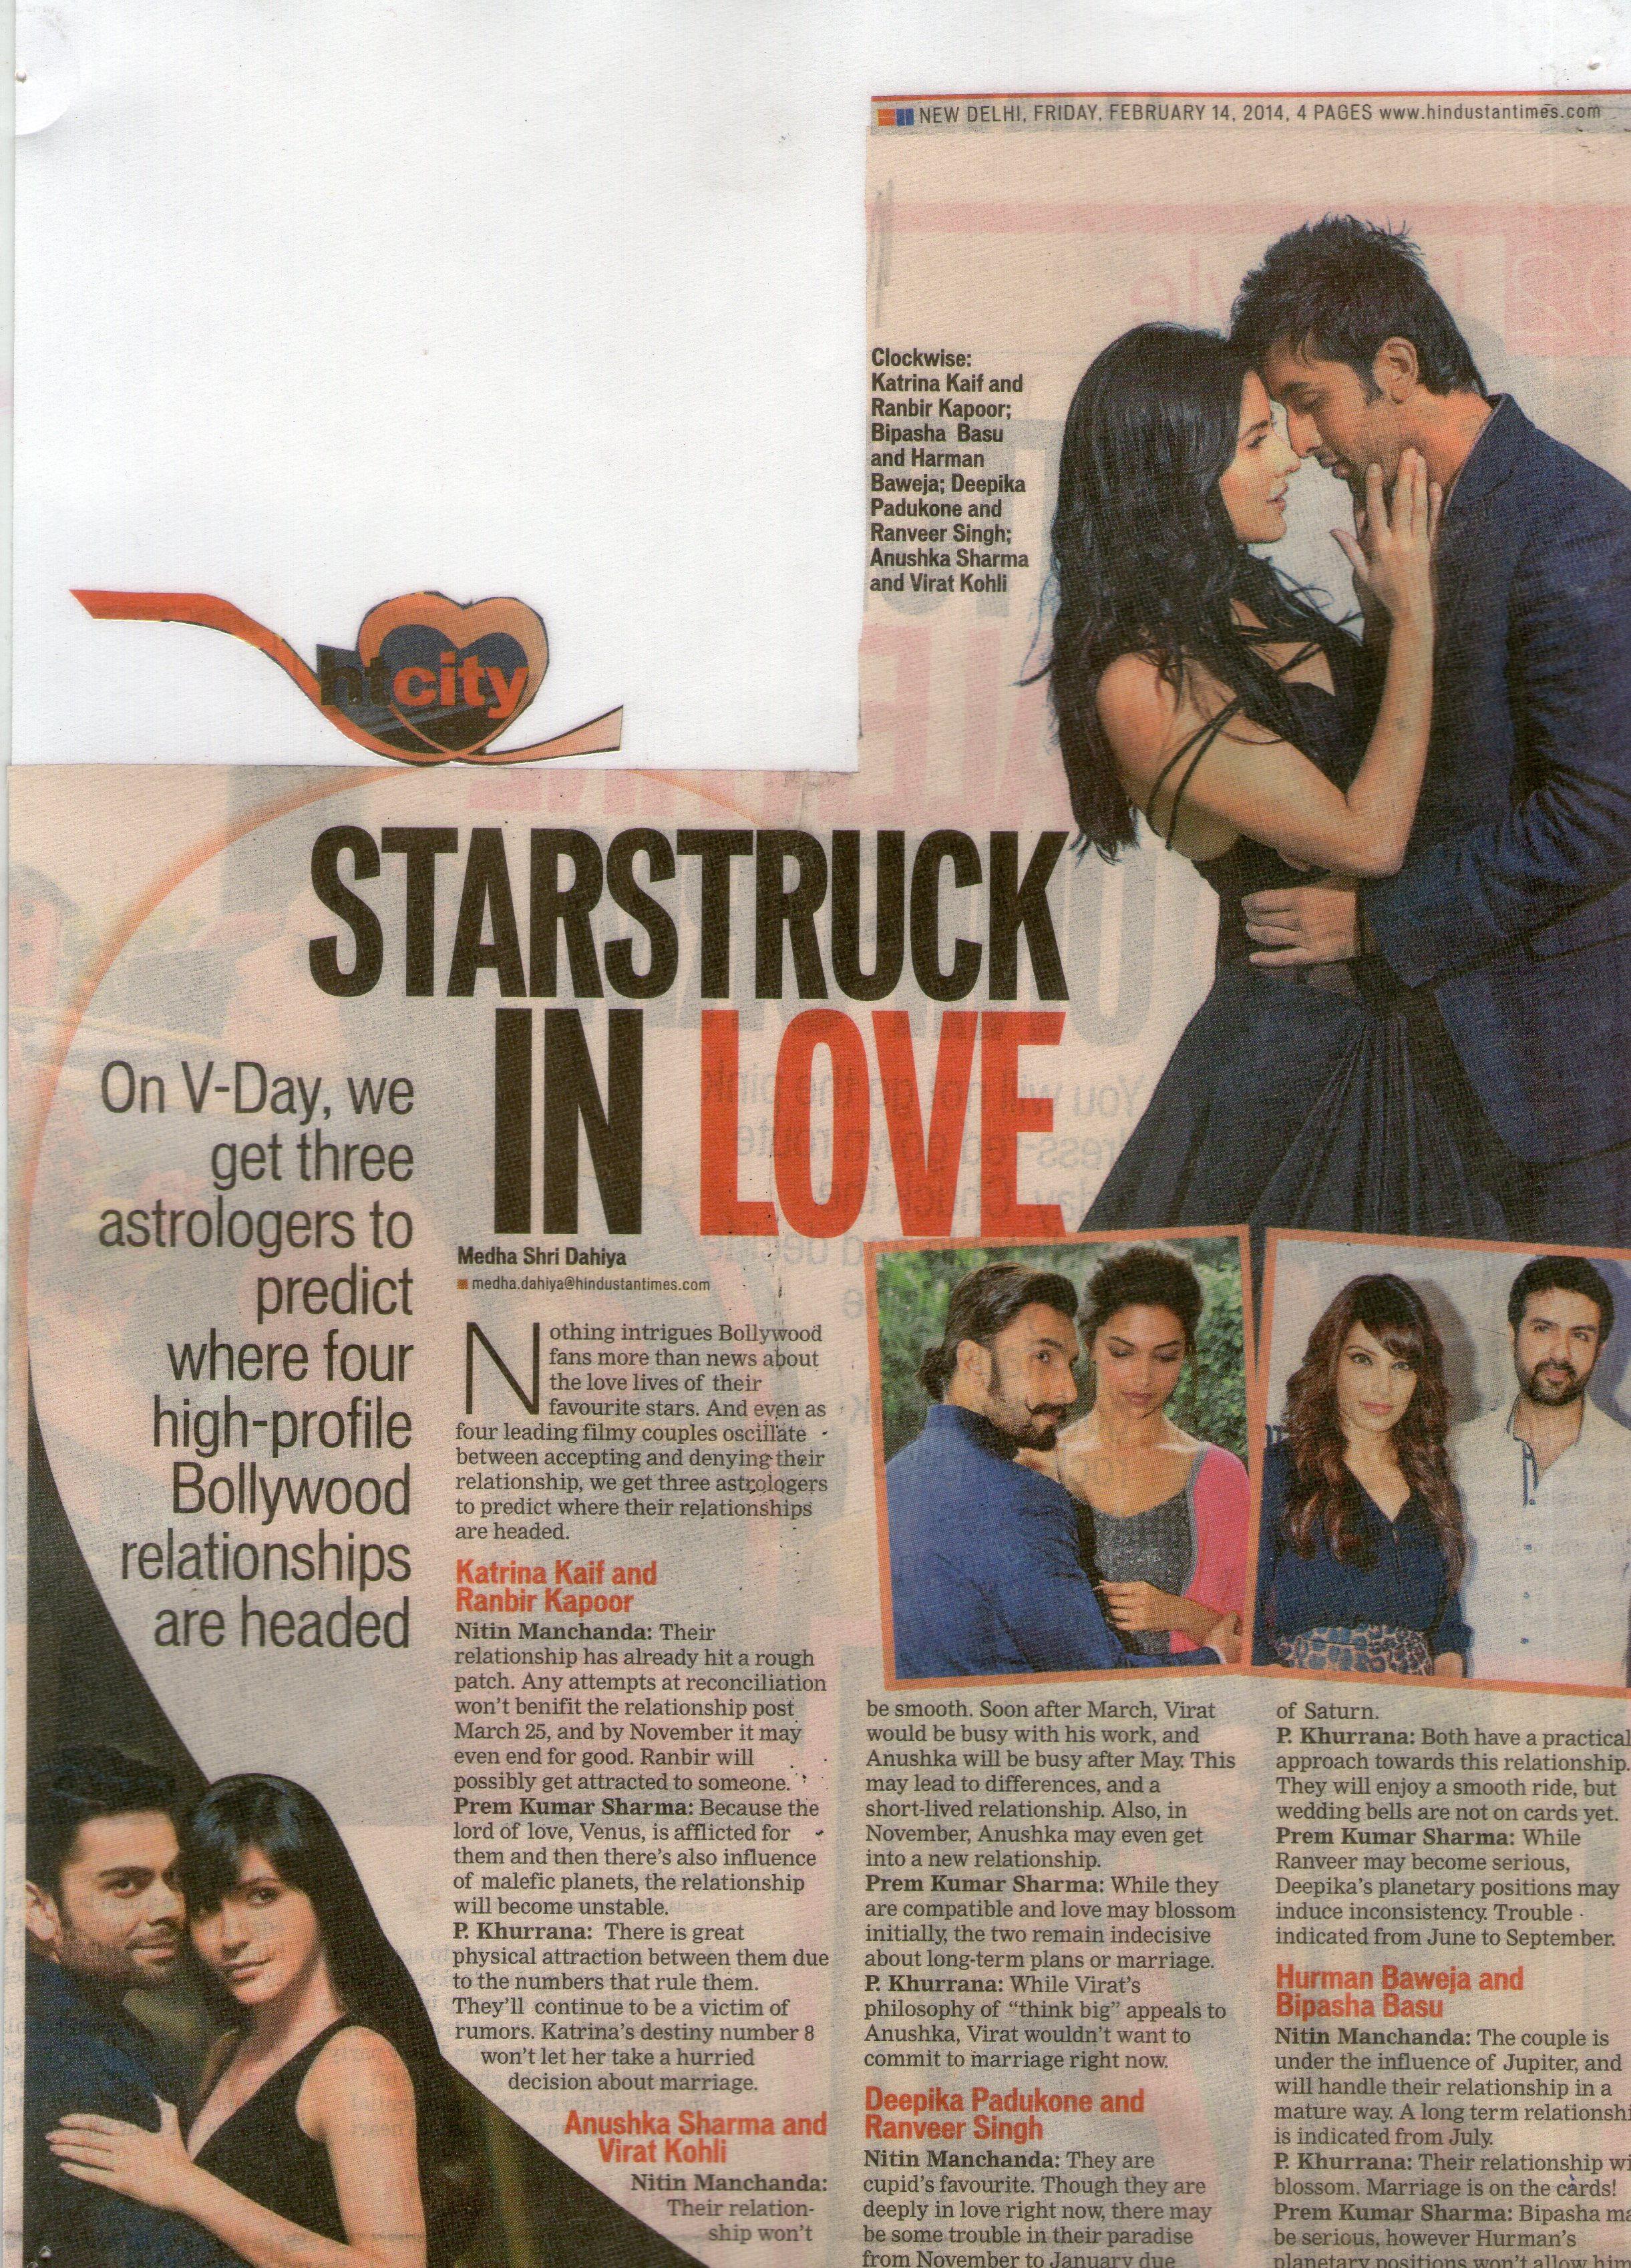 Starstruck in Love